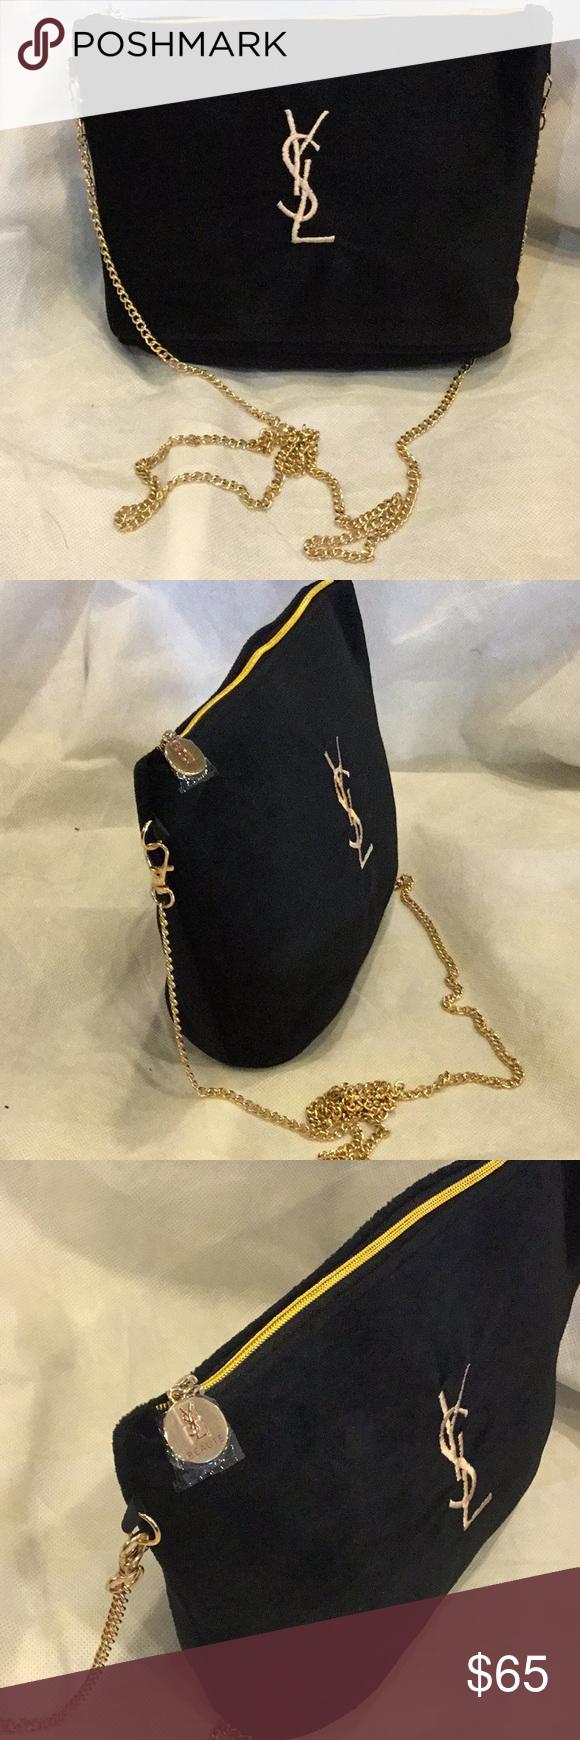 ef6076252dd0 Authentic YSL Cosmetic Makeup Chain Bag VIP Gift YSL Yves Saint Laurent VIP  Gift Black Velvet